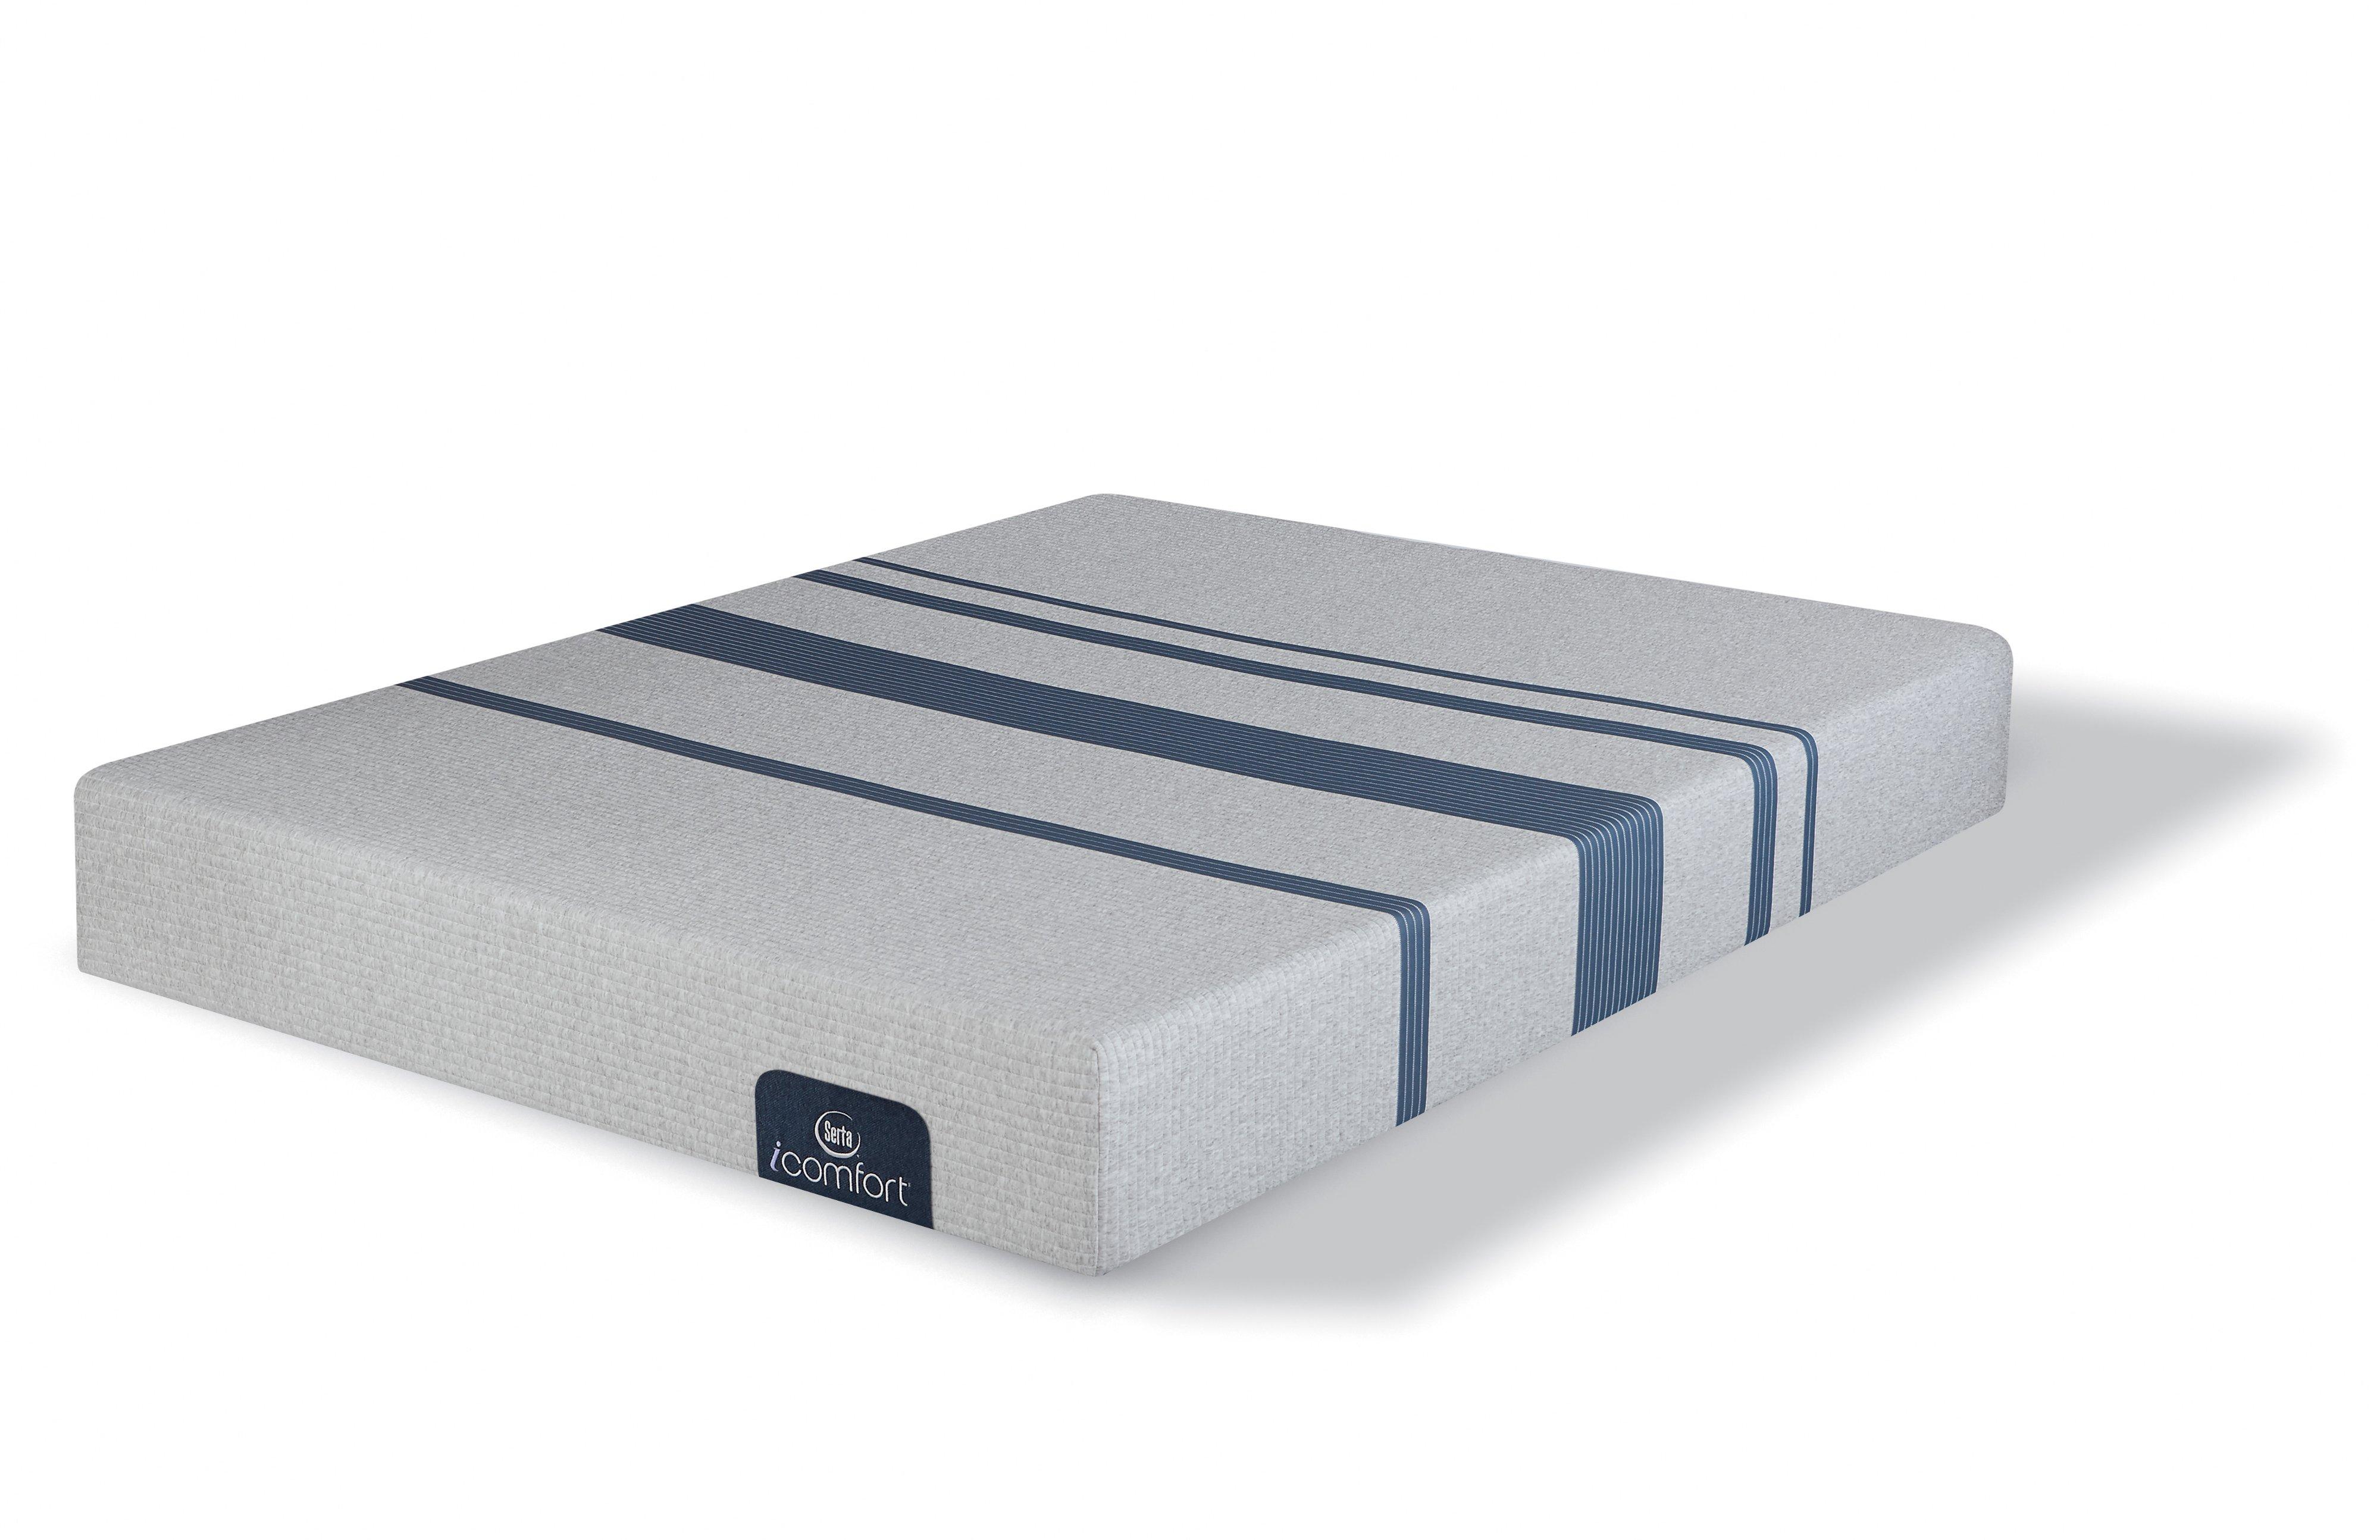 Split King Size Mattress Serta i fort Blue 100 XT Luxury Firm